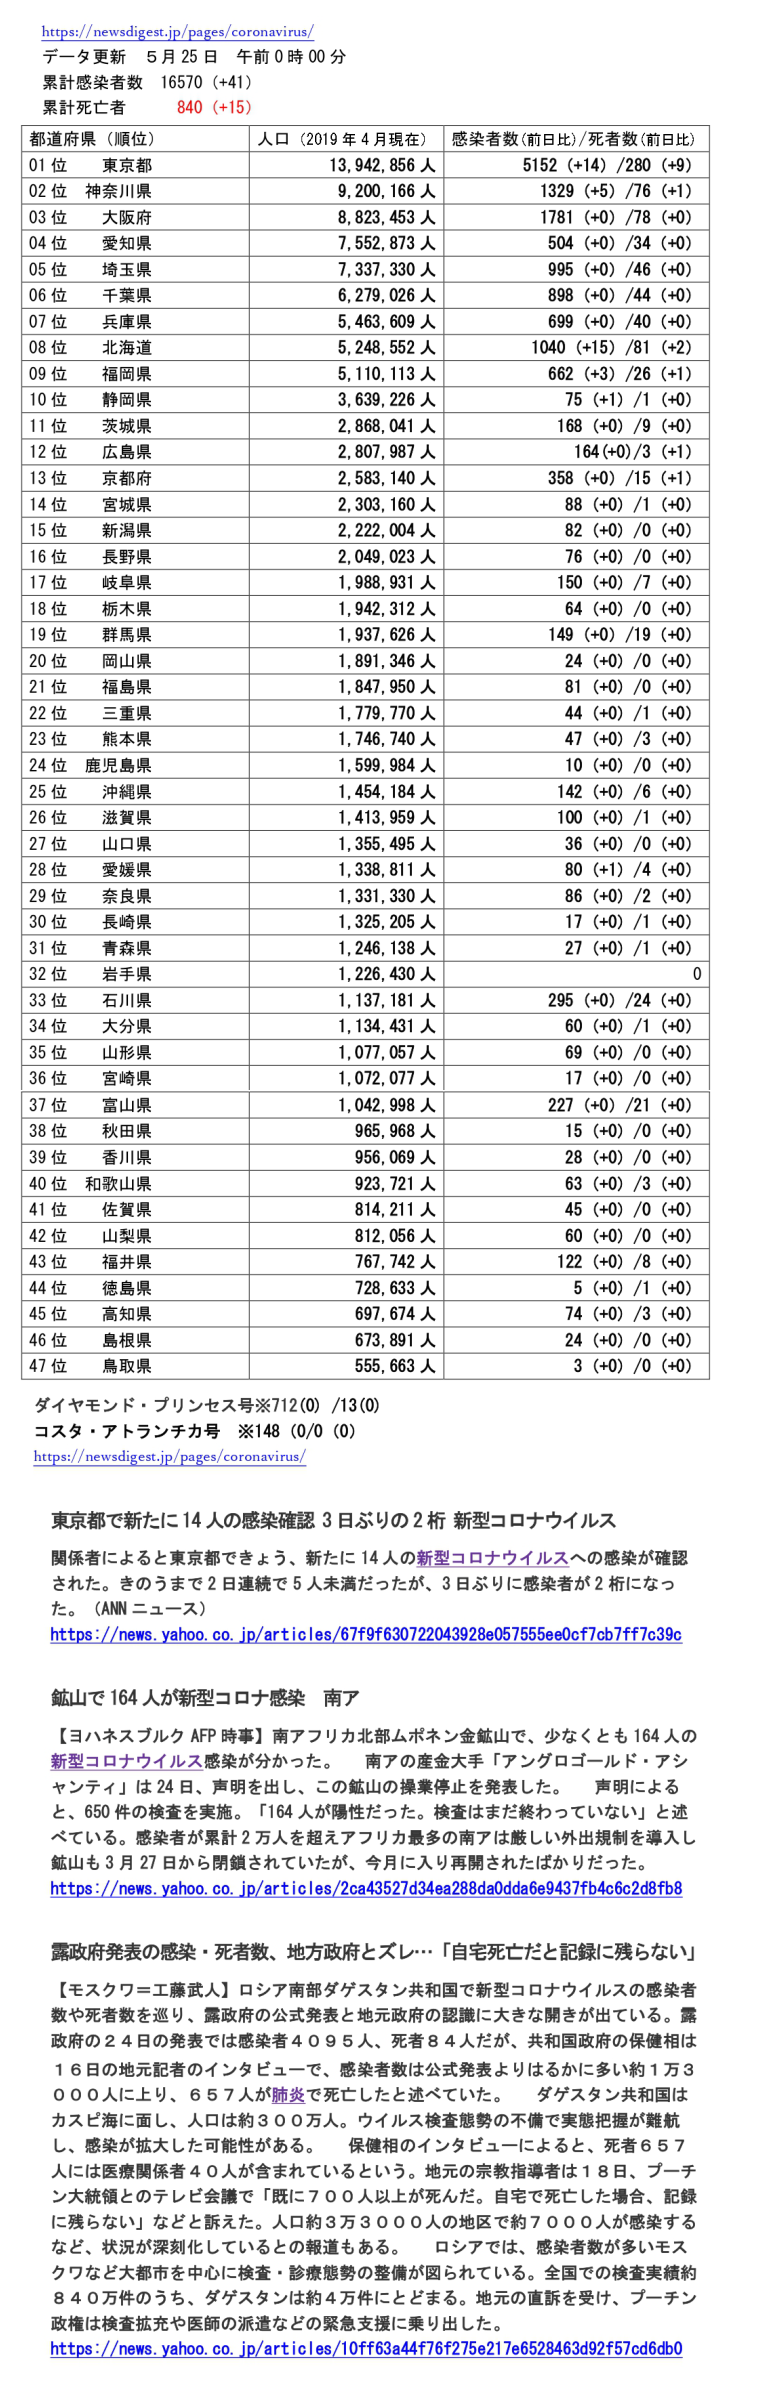 5月25日掲載 コロナ感染症患者数